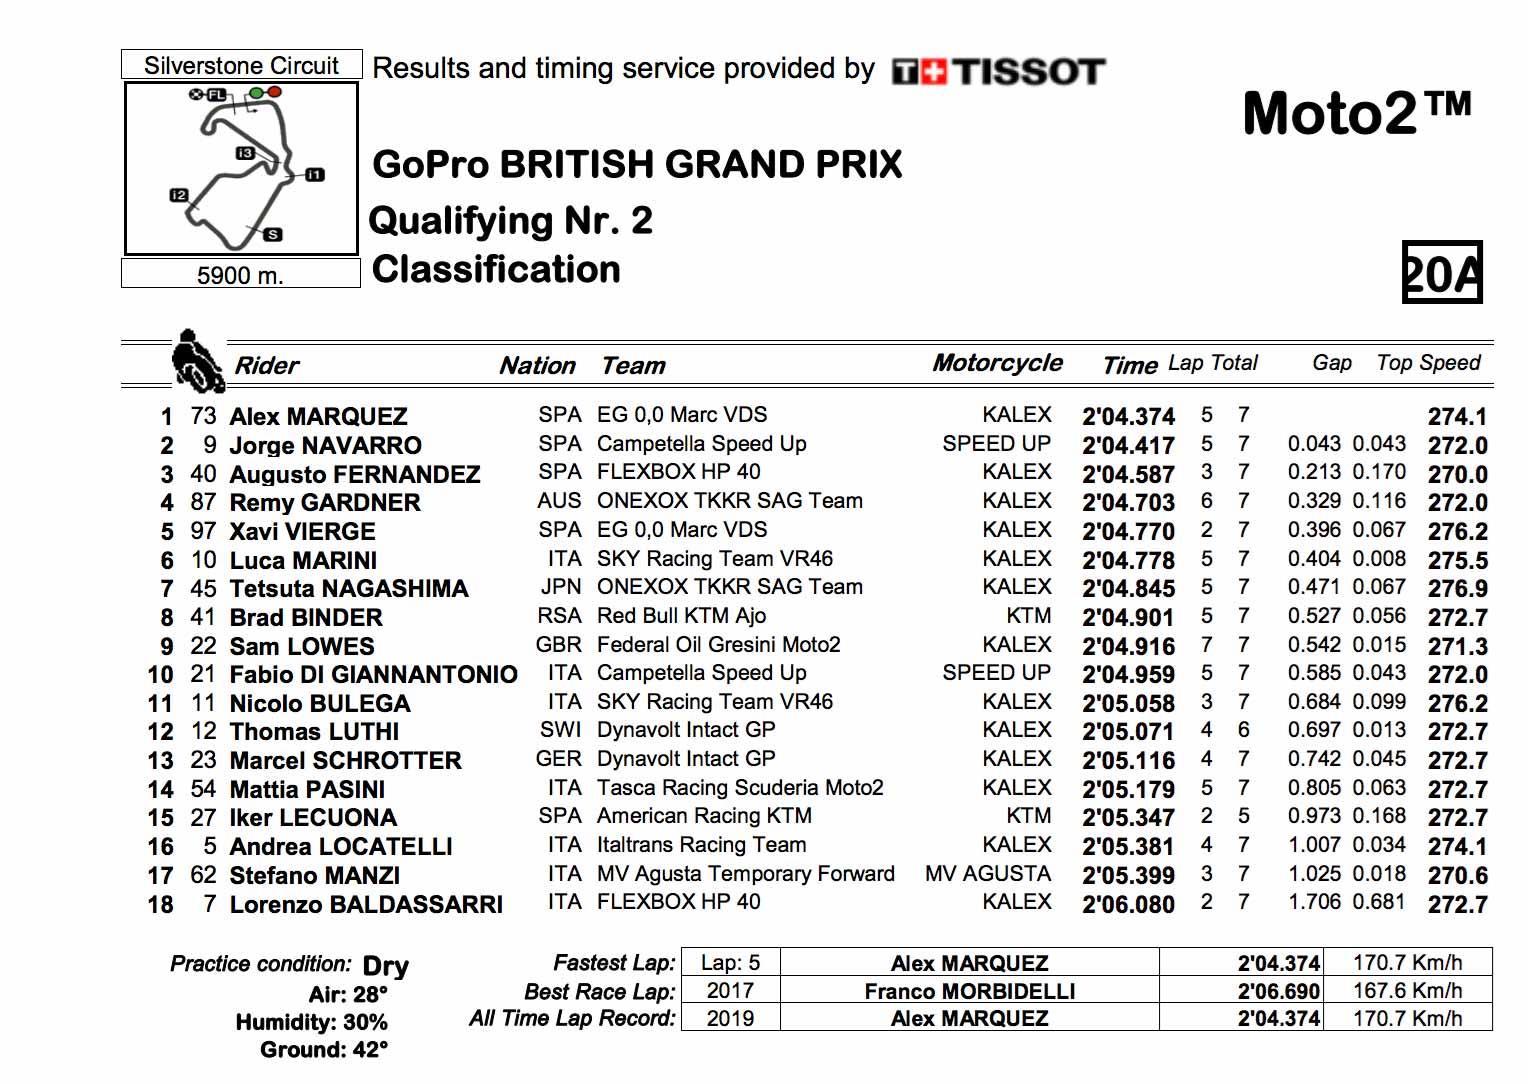 Moto2 Q2 qualifying